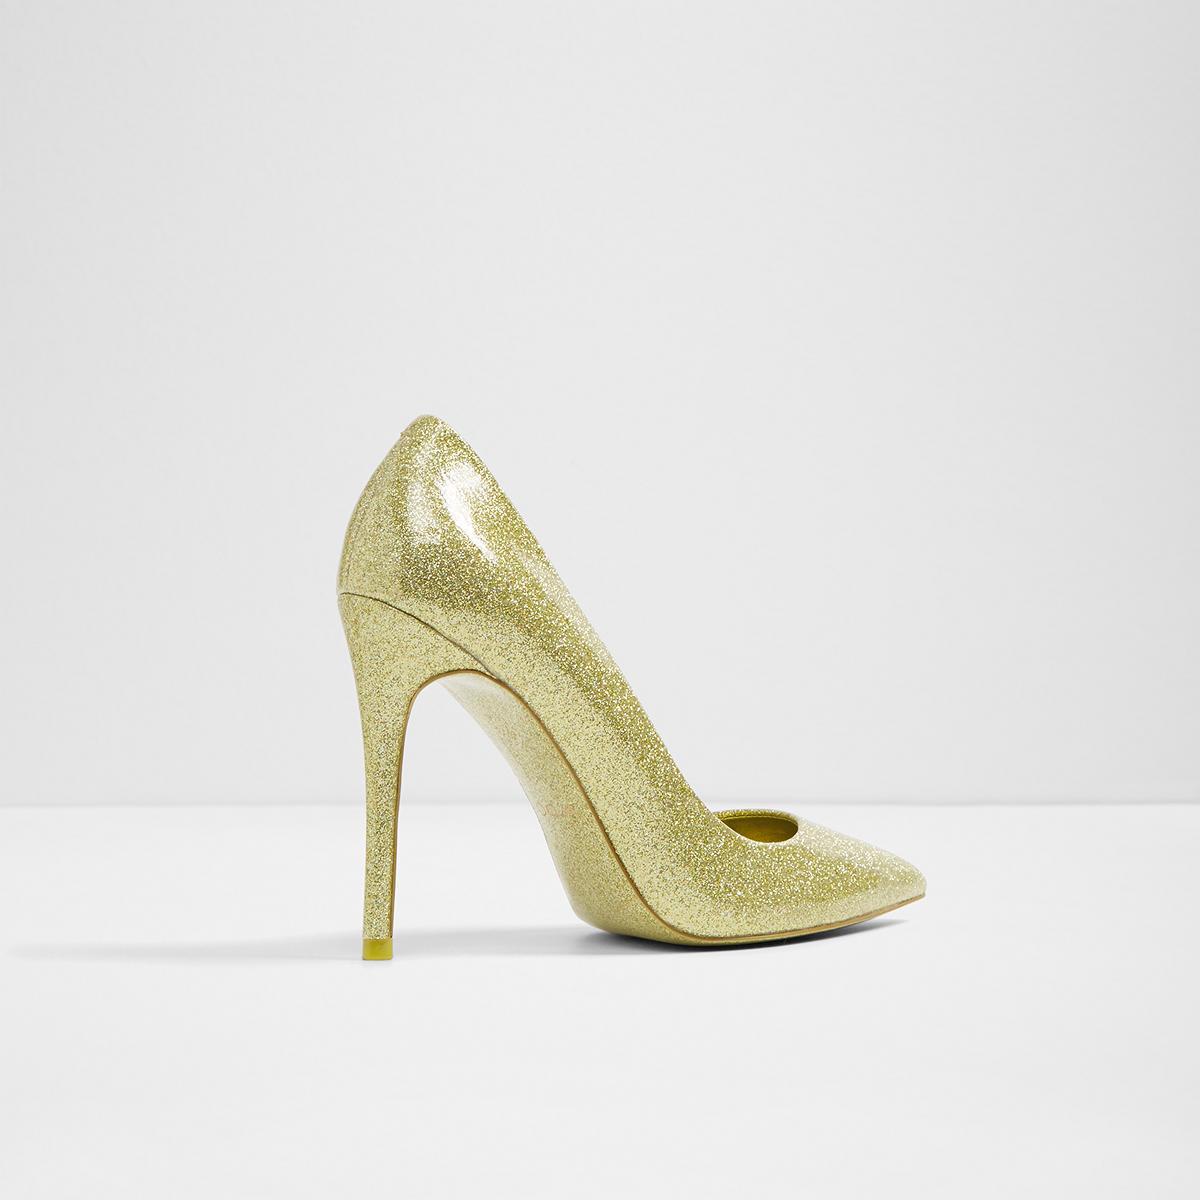 732edaba41d1 Laralilla Light Yellow Women s Heels